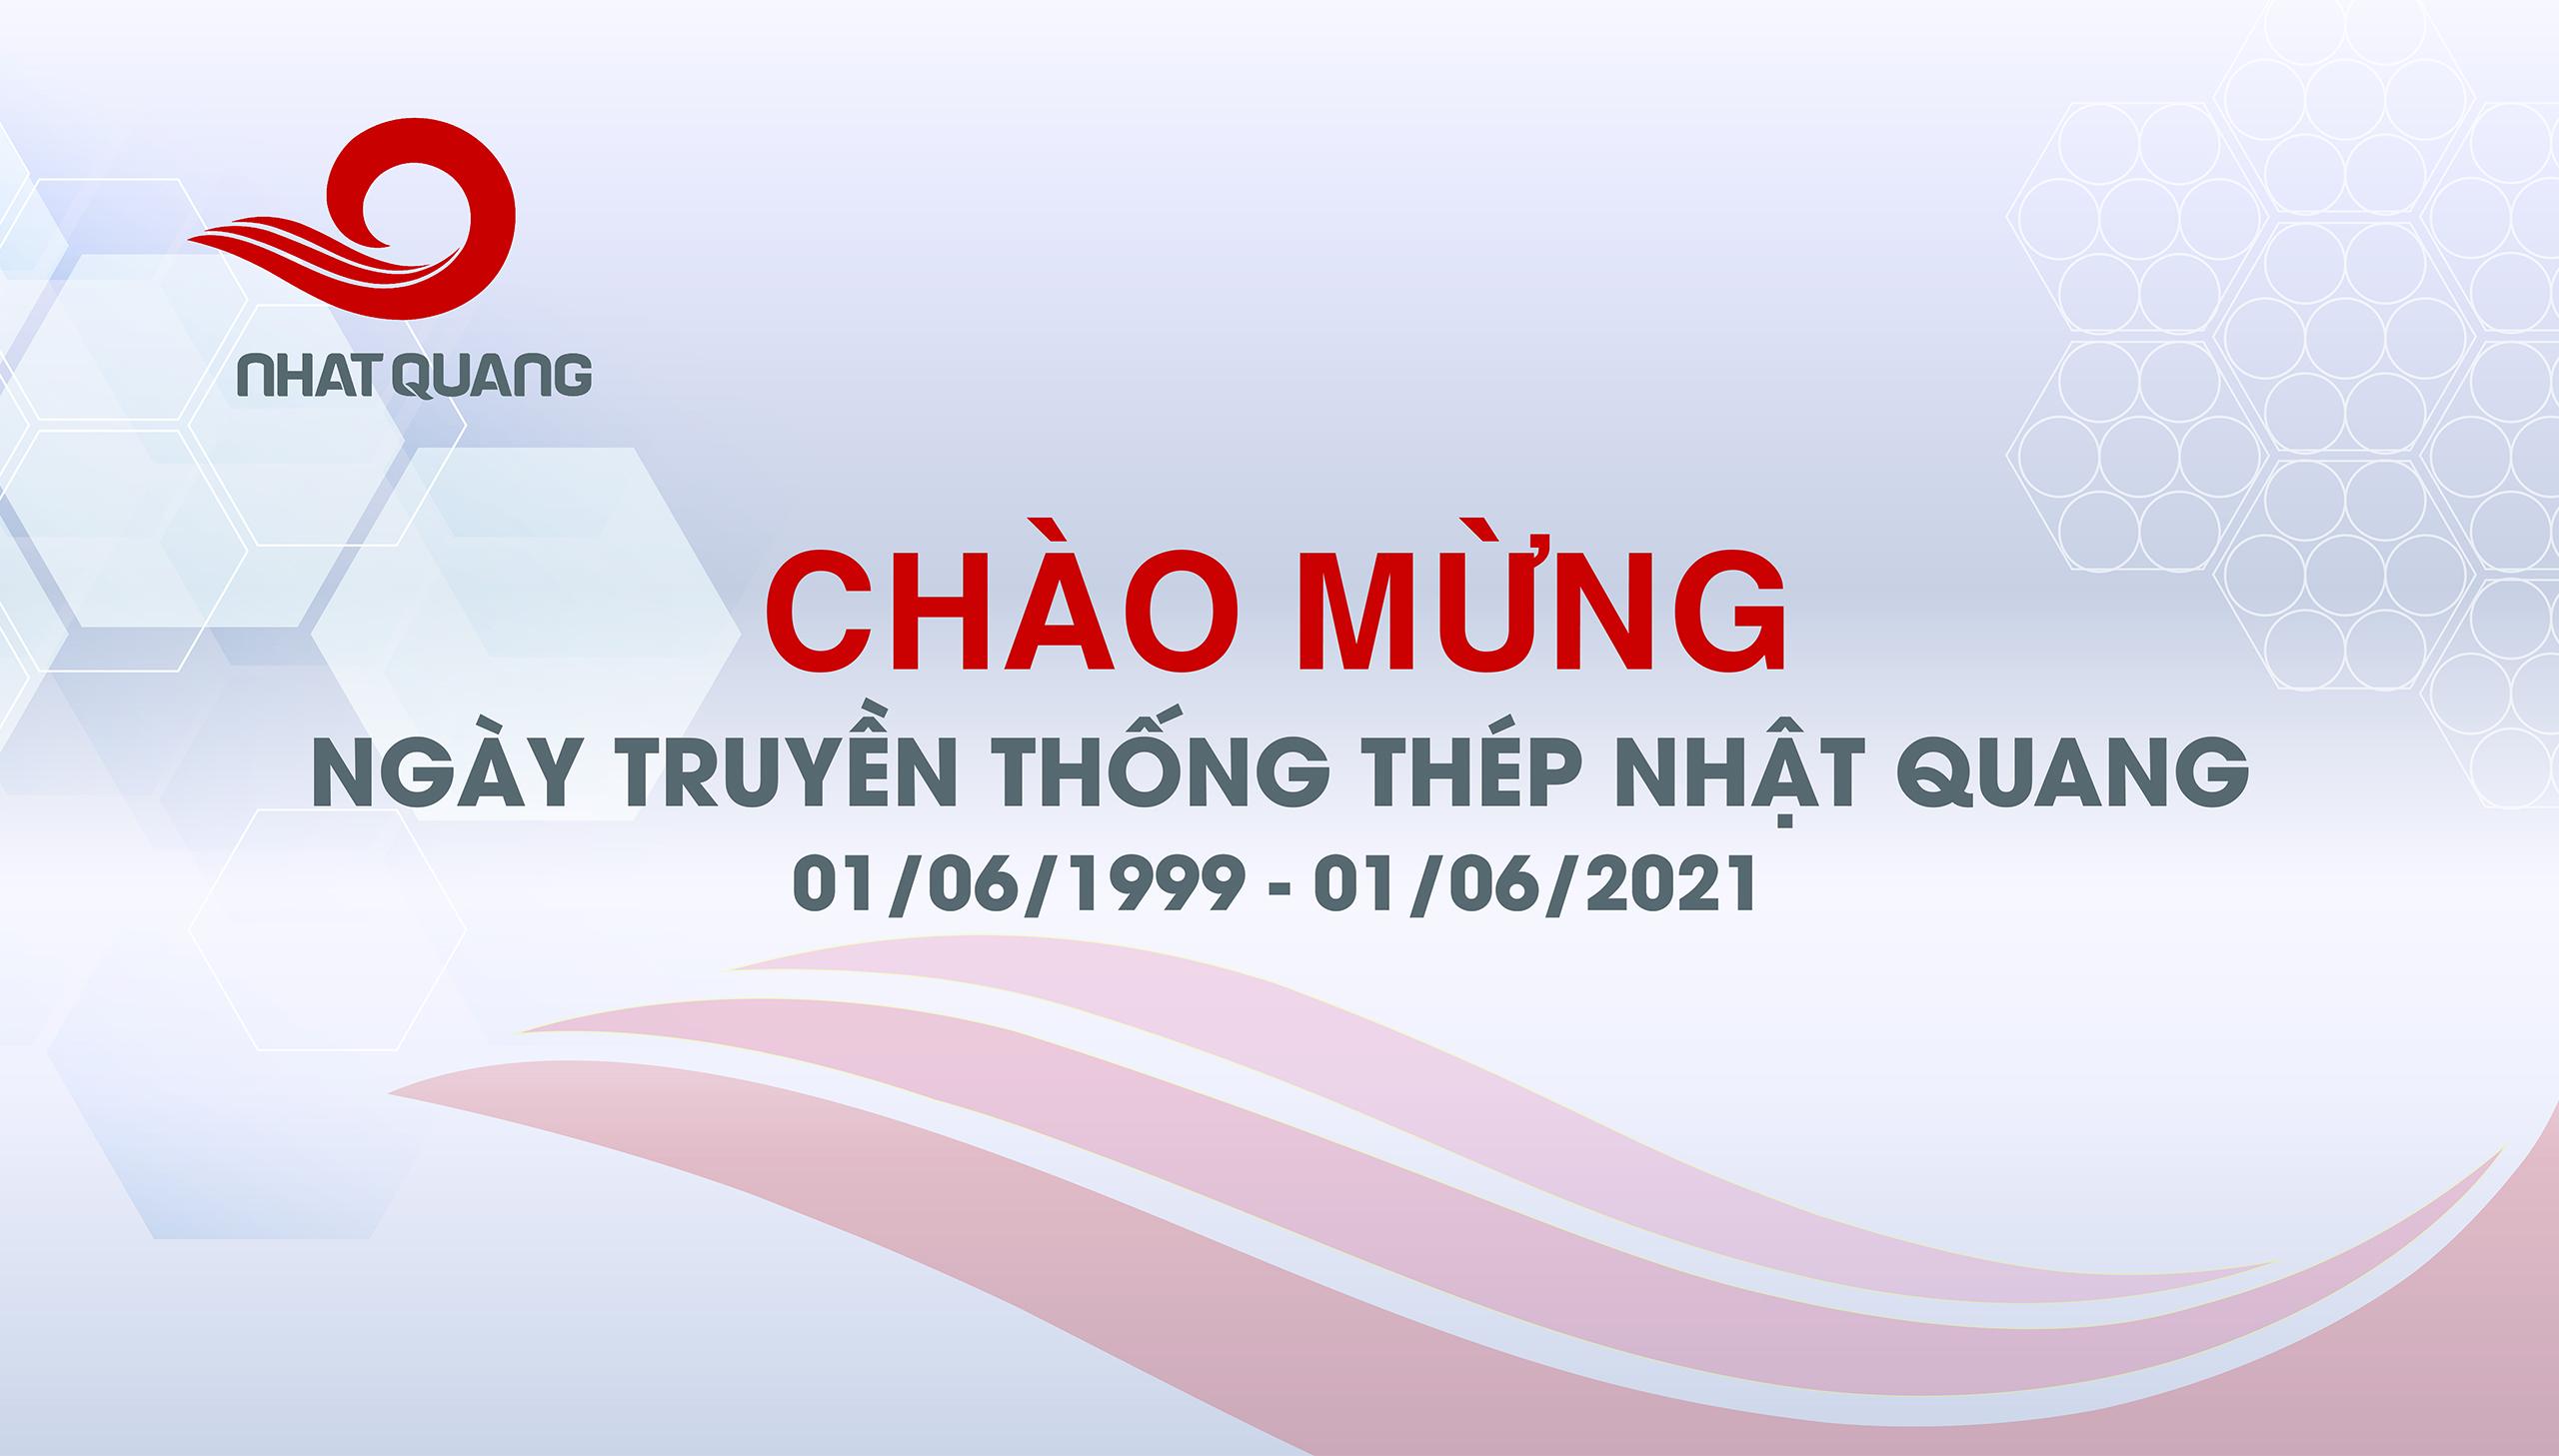 CHÀO MỪNG NGÀY TRUYỀN THỐNG THÉP NHẬT QUANG (01/06/1999 -01/06/2021)